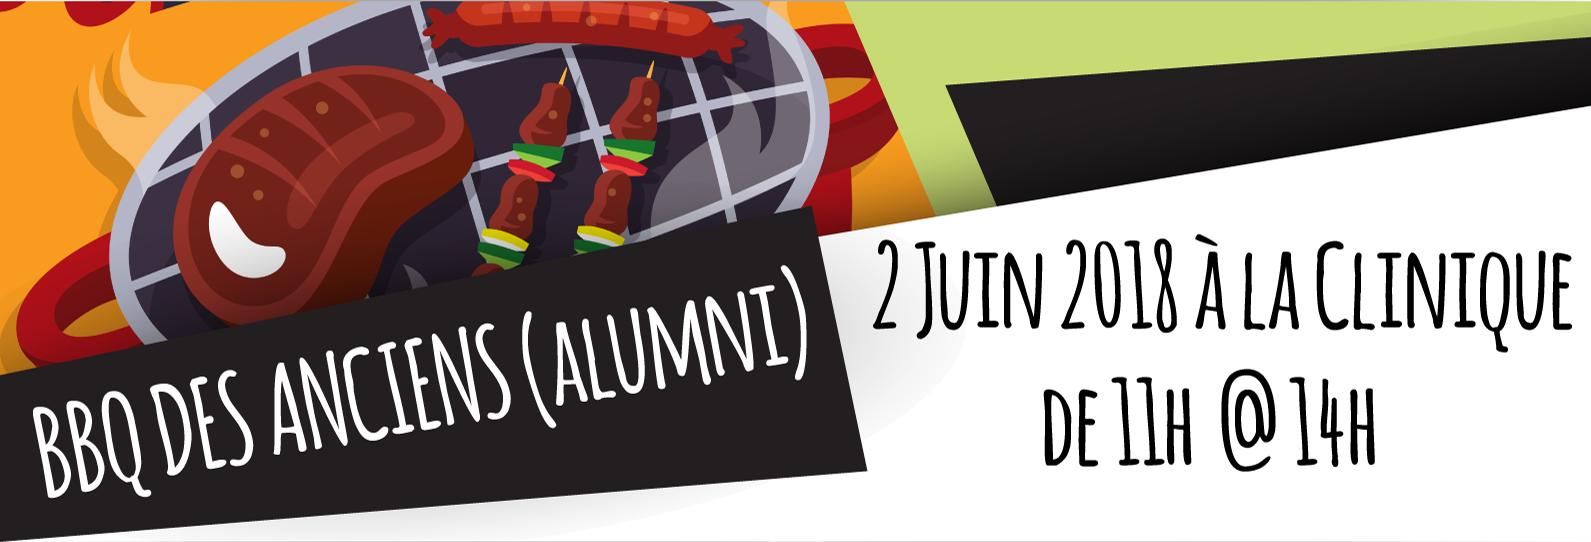 BBQ Des Anciens - Alumni Clinique Nouveau Depart 2 Juin 2018